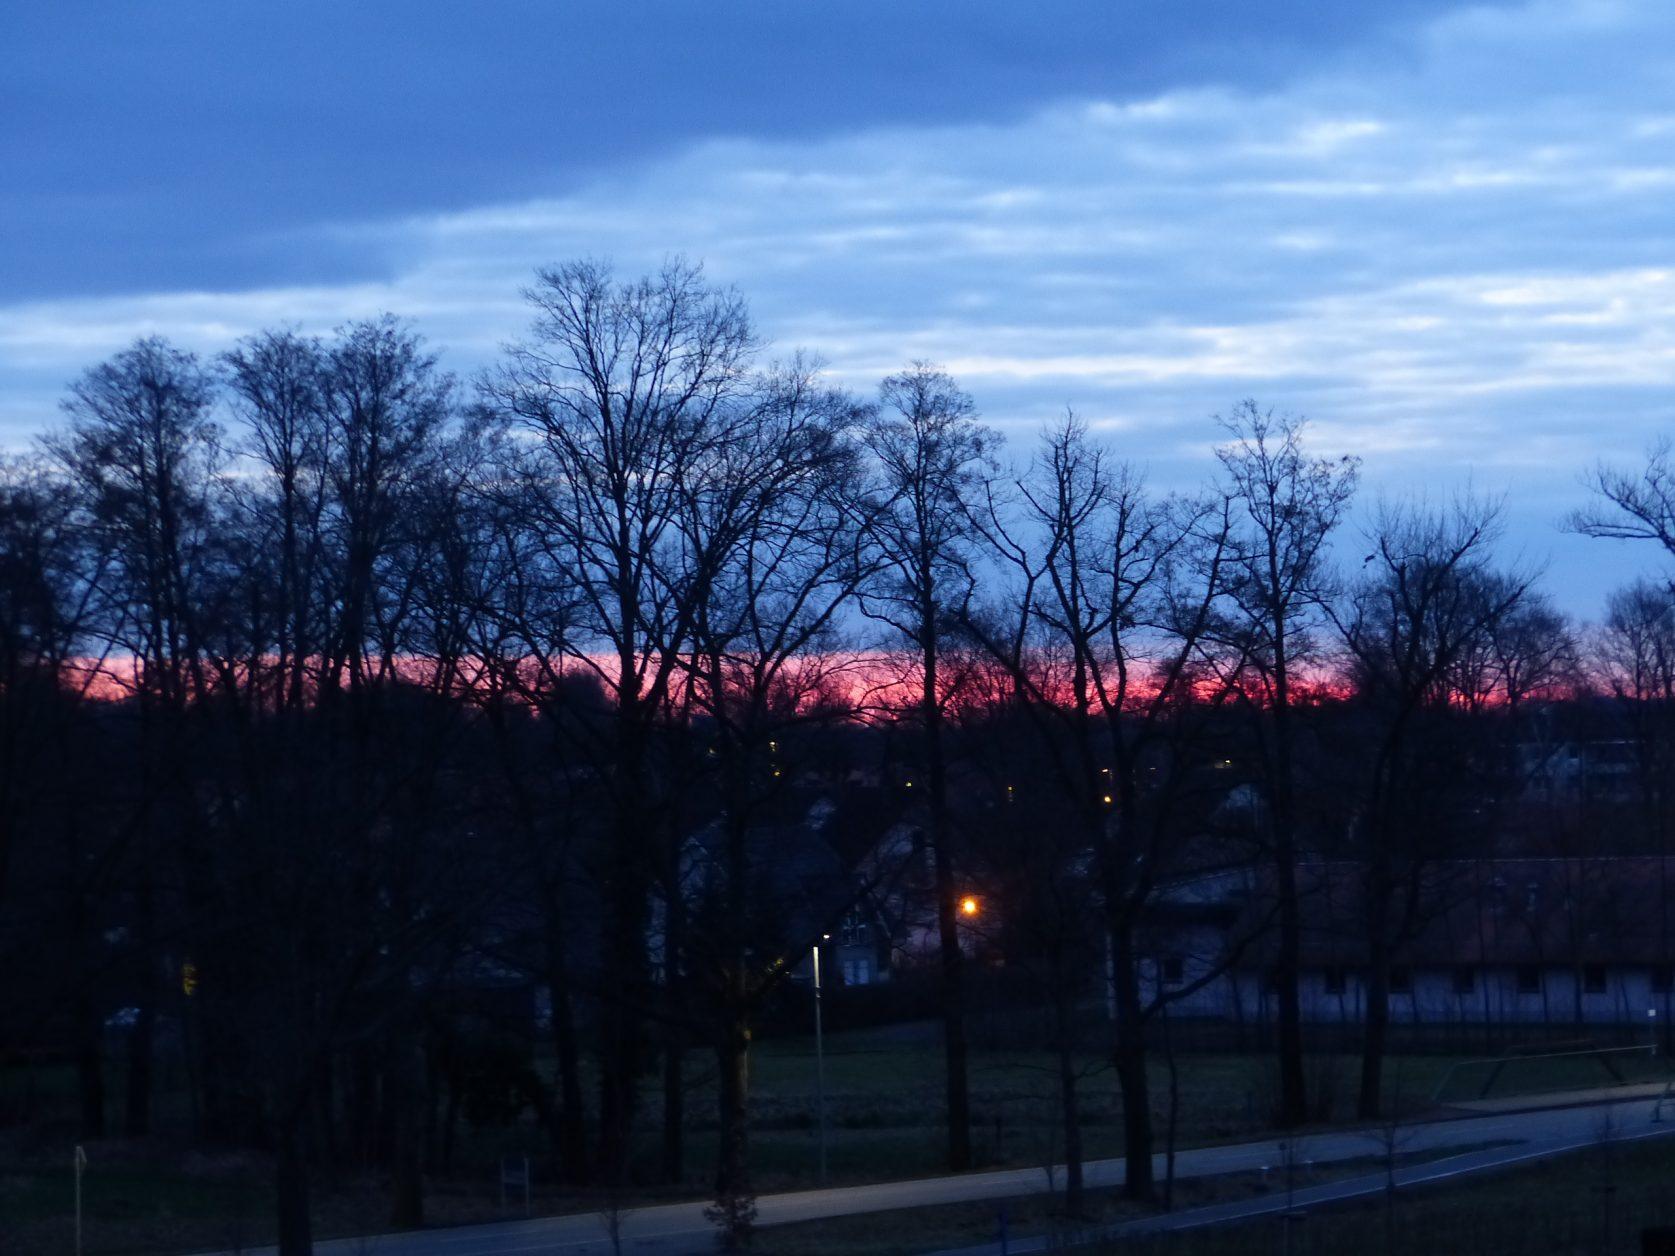 Sonnenaufgang vom Zimmer des Spreewald Thermenhotels aus, Foto: Weirauch